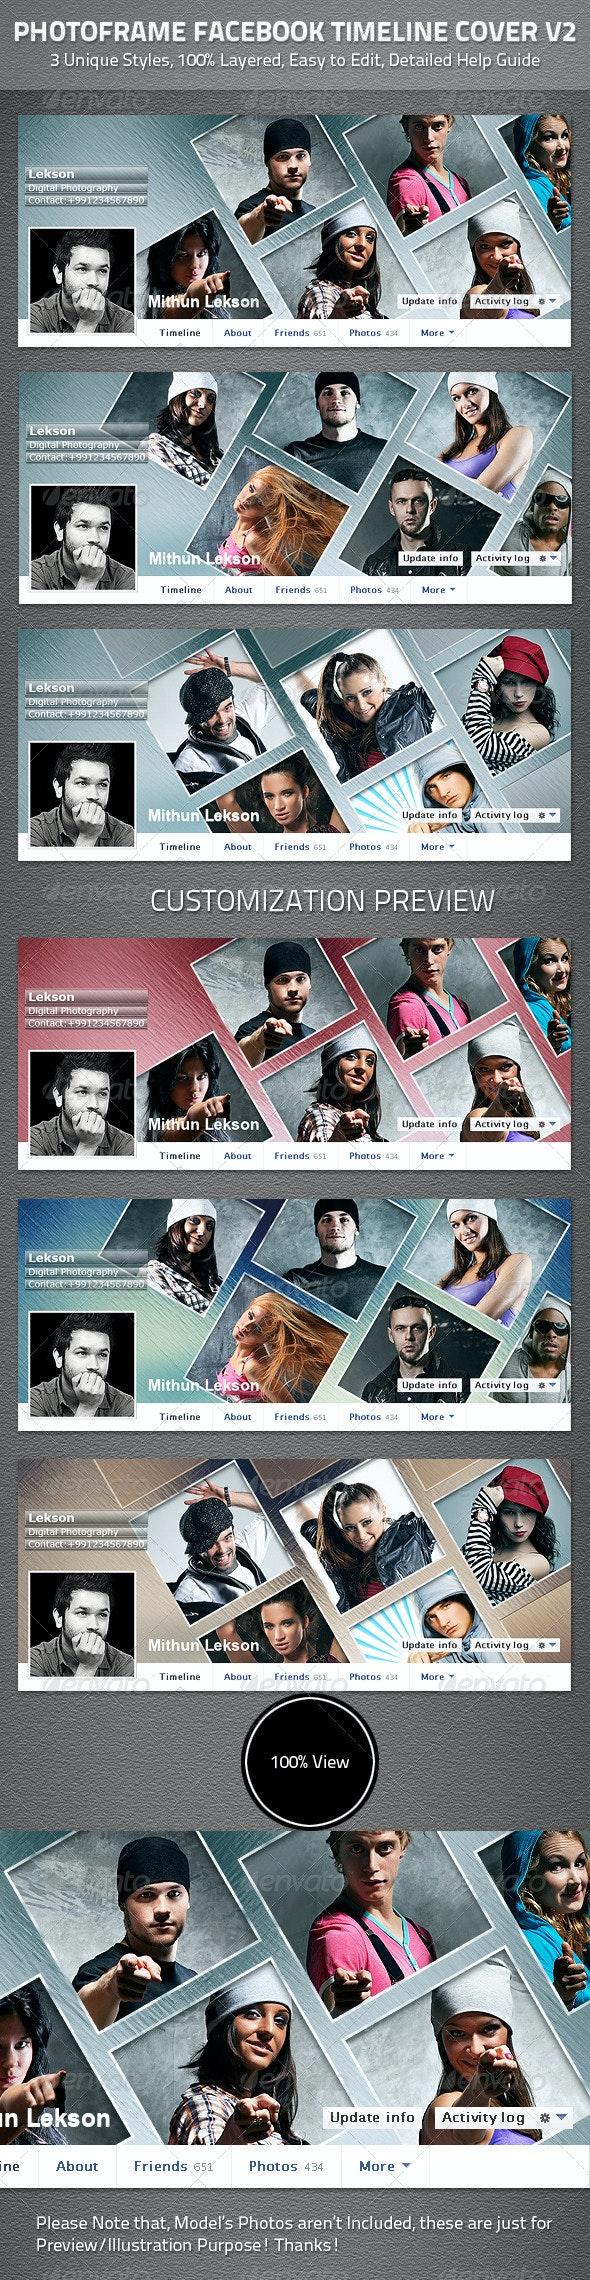 Photoframe Facebook Timeline Cover V2 - Facebook Timeline Covers Social Media